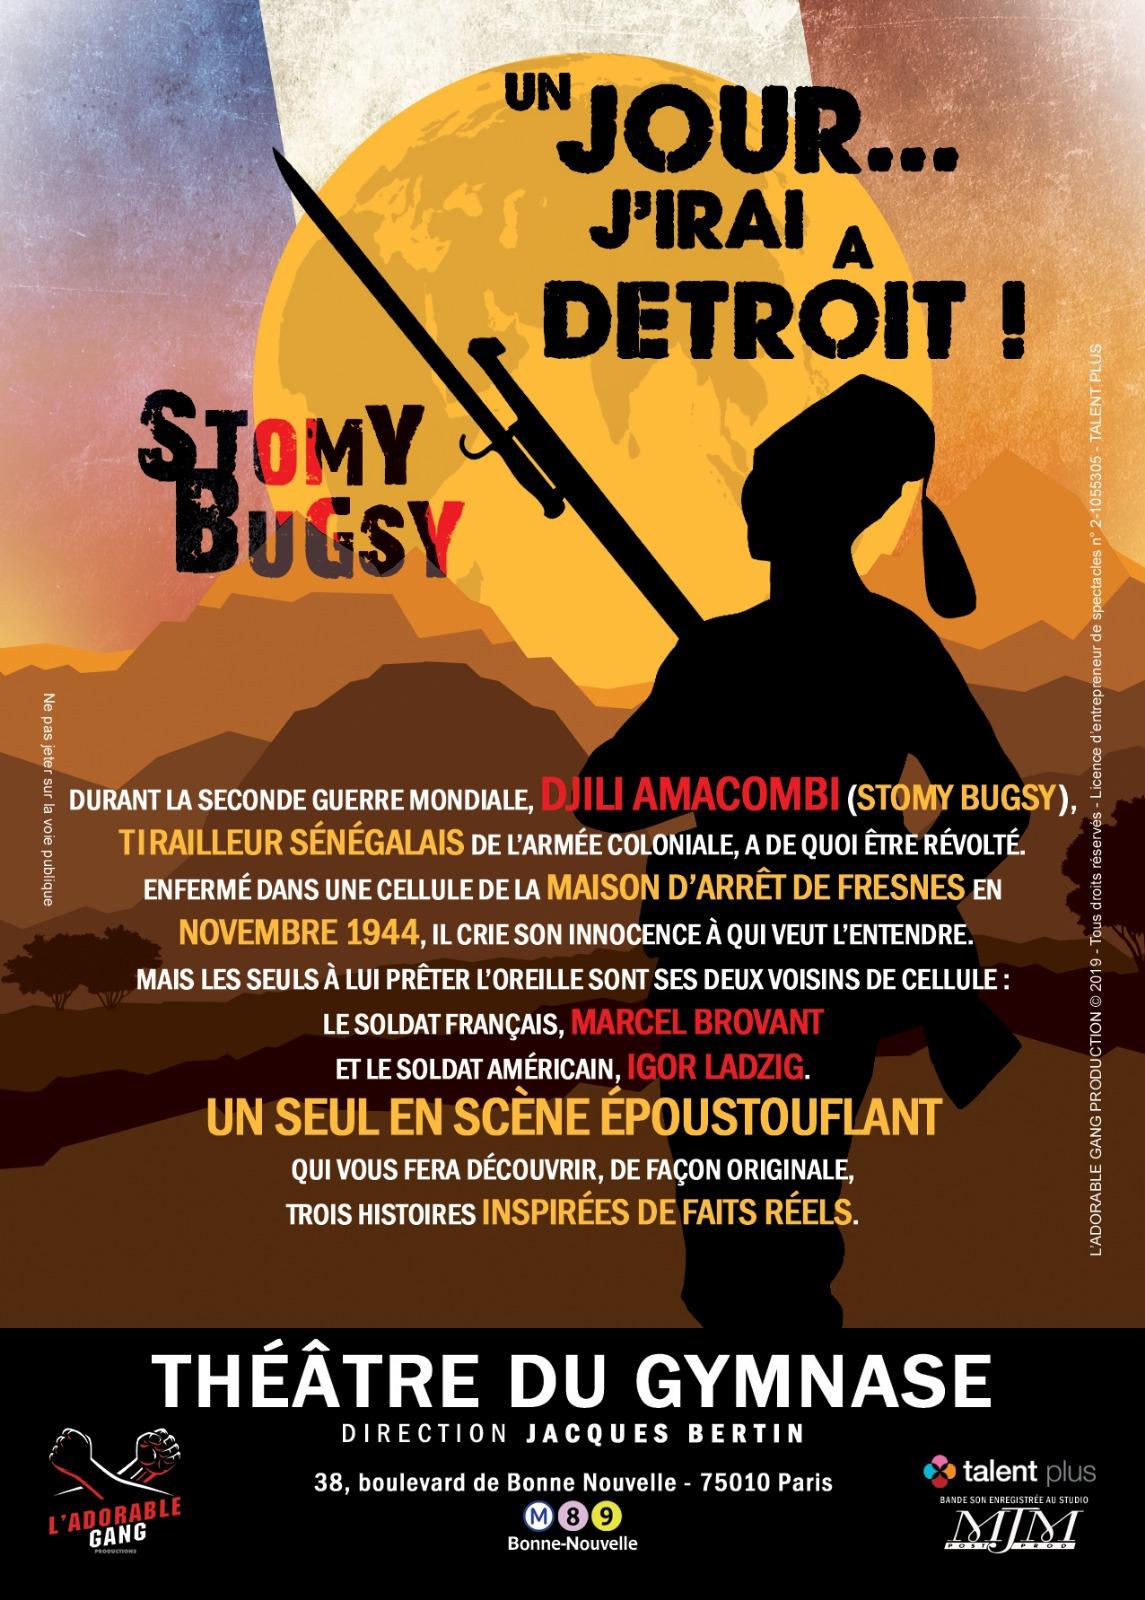 """Stomy Bugsy interprète un tirailleur guinéen dans sa pièce """"Un jour...j'irai à Détroit!"""""""